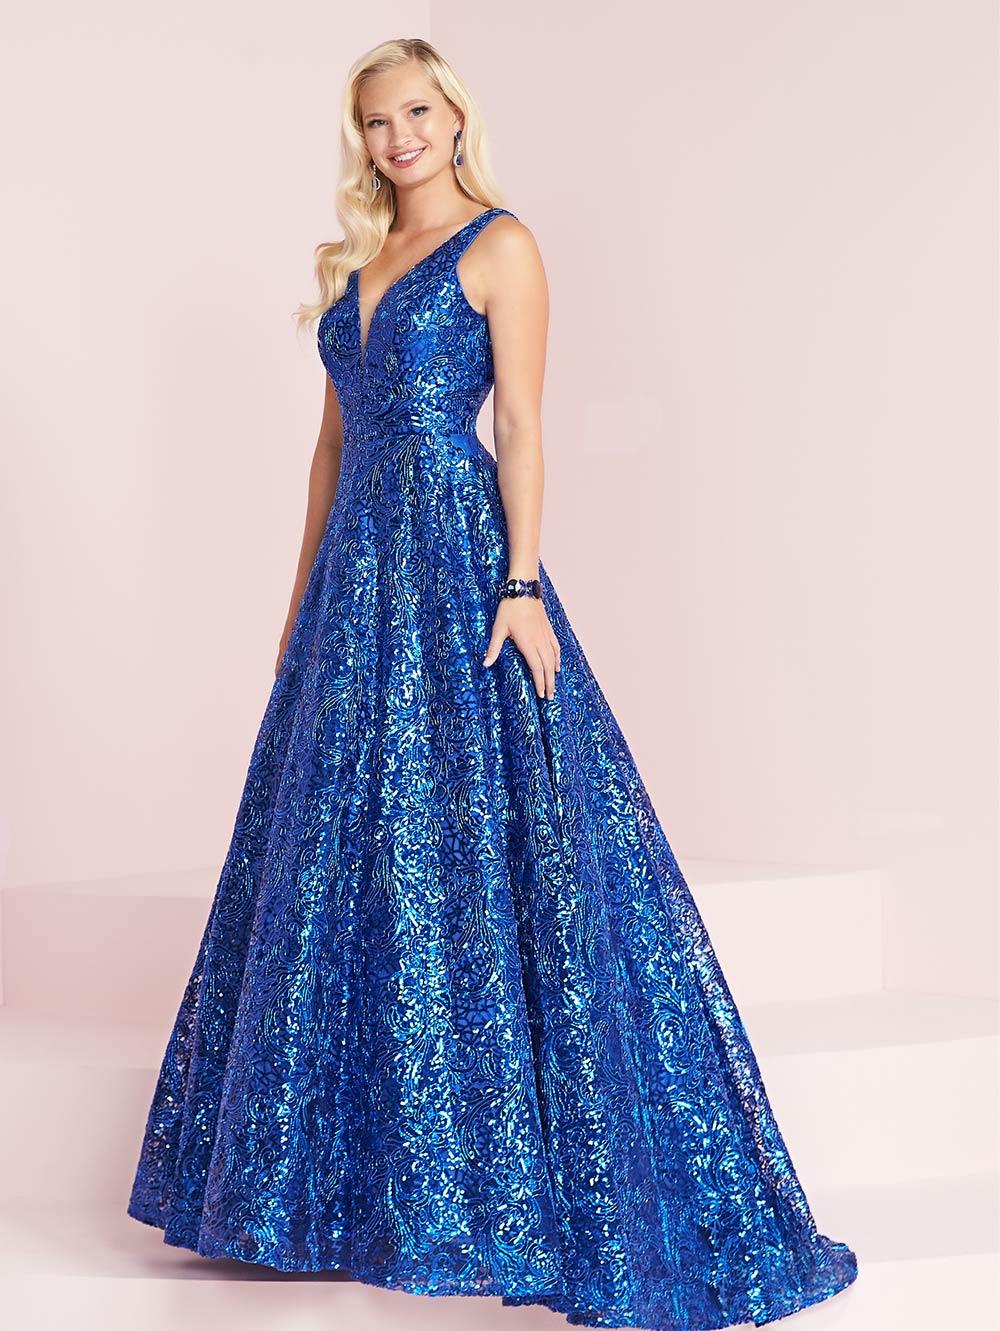 prom-dresses-jacquelin-bridals-canada-27594